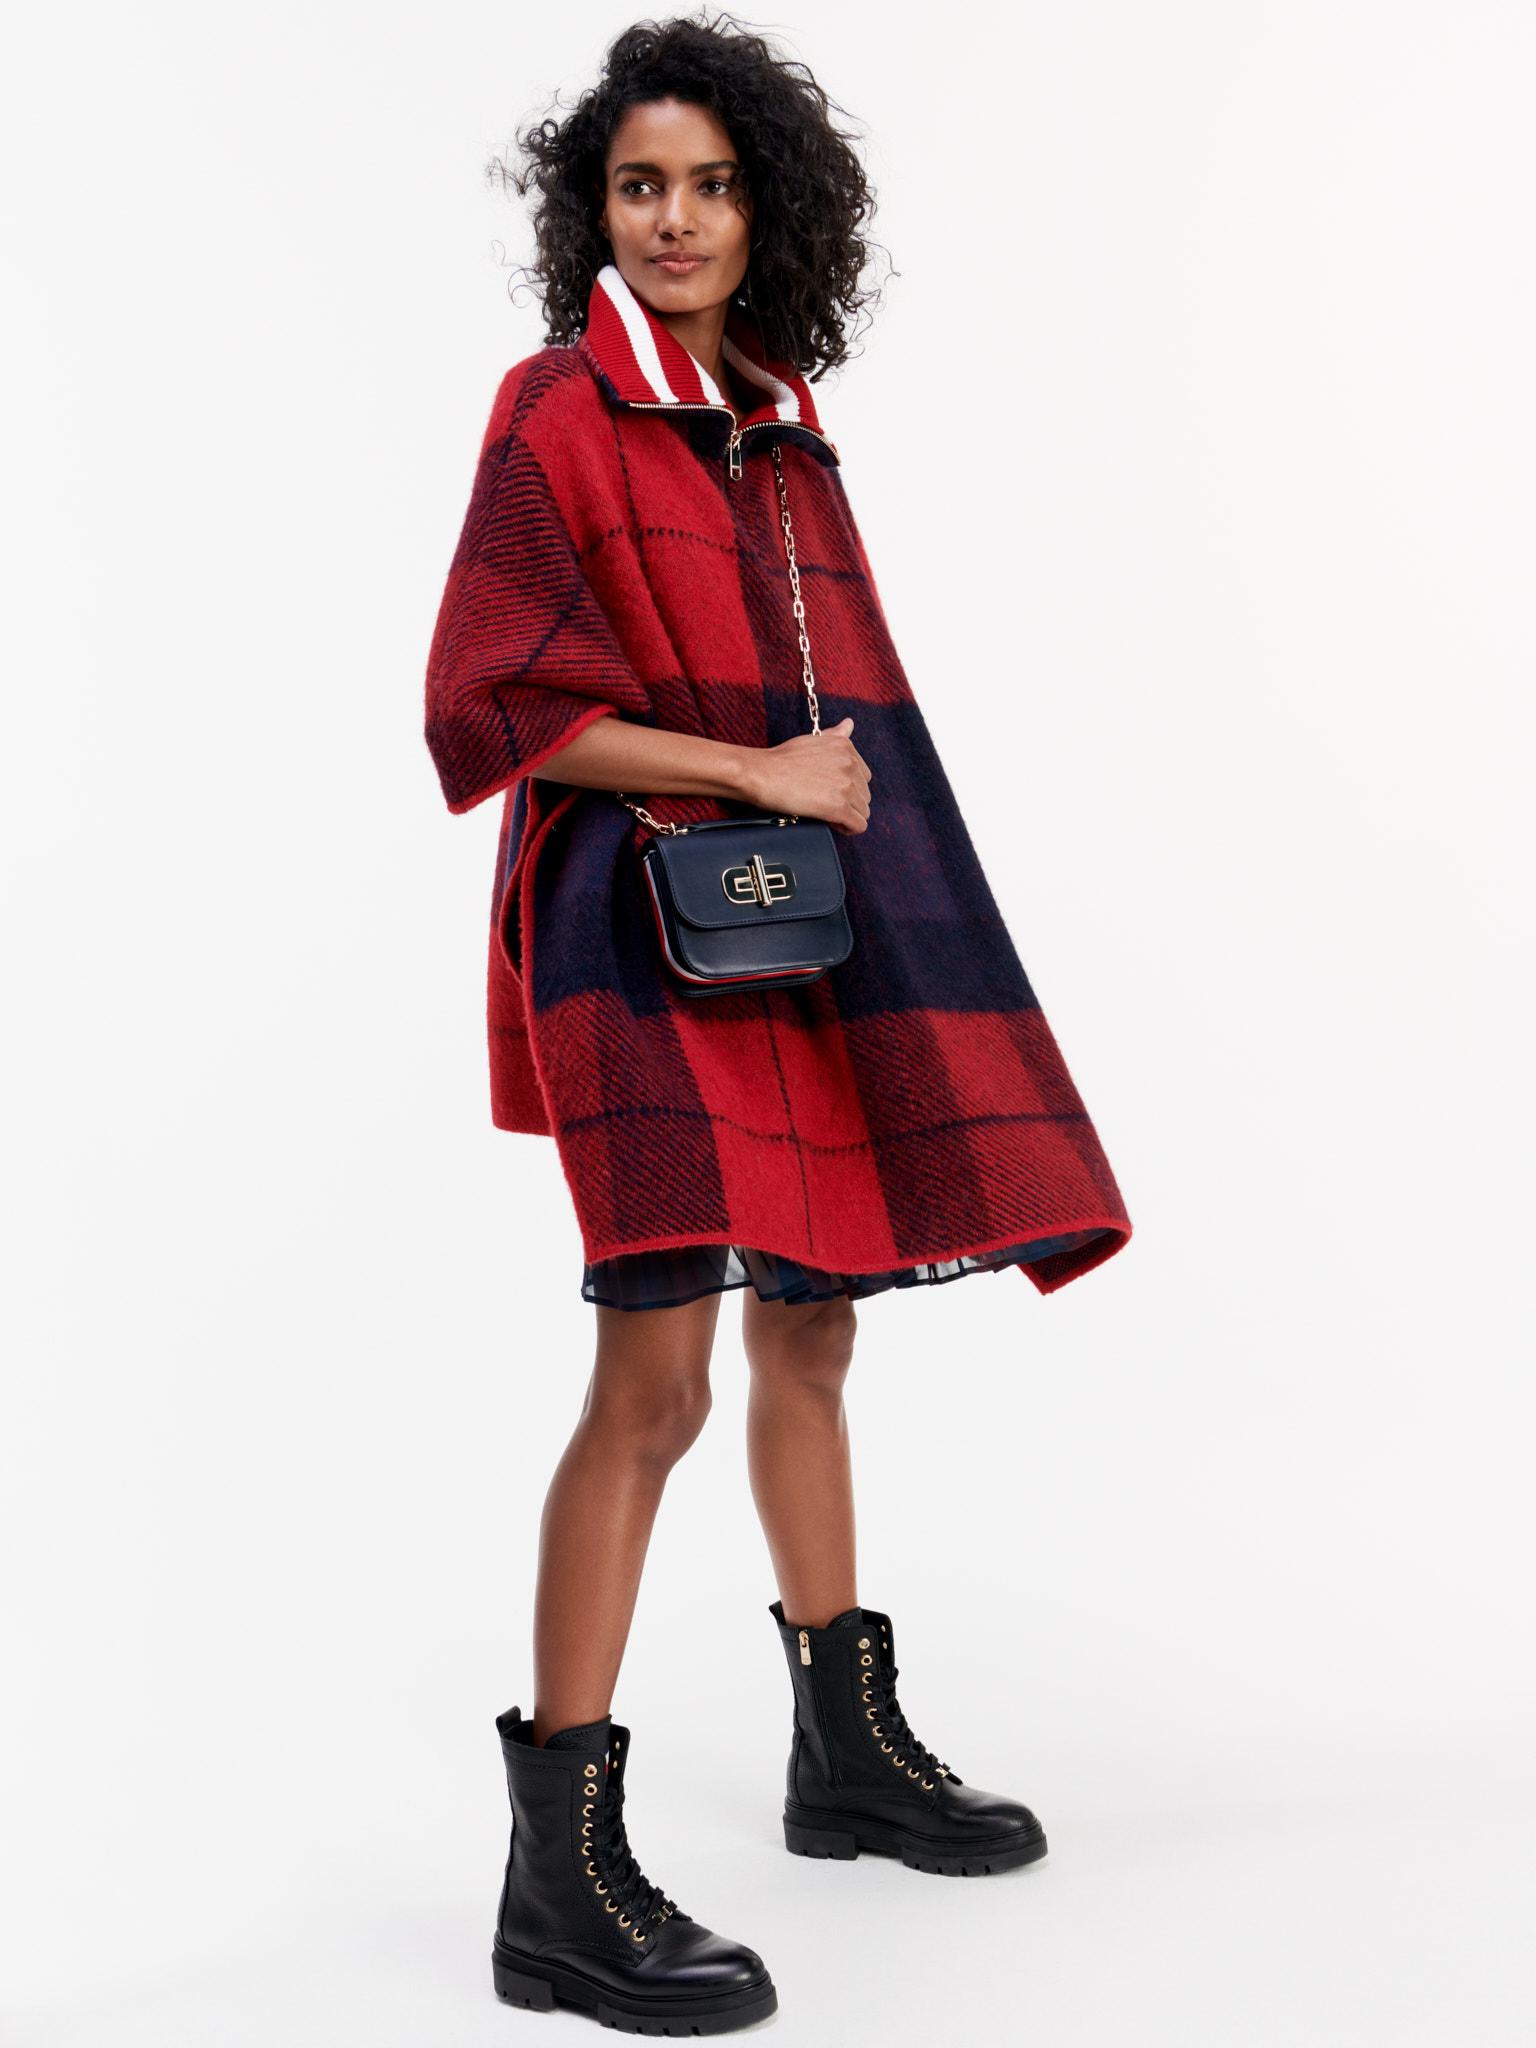 fa20_womenswear_look15